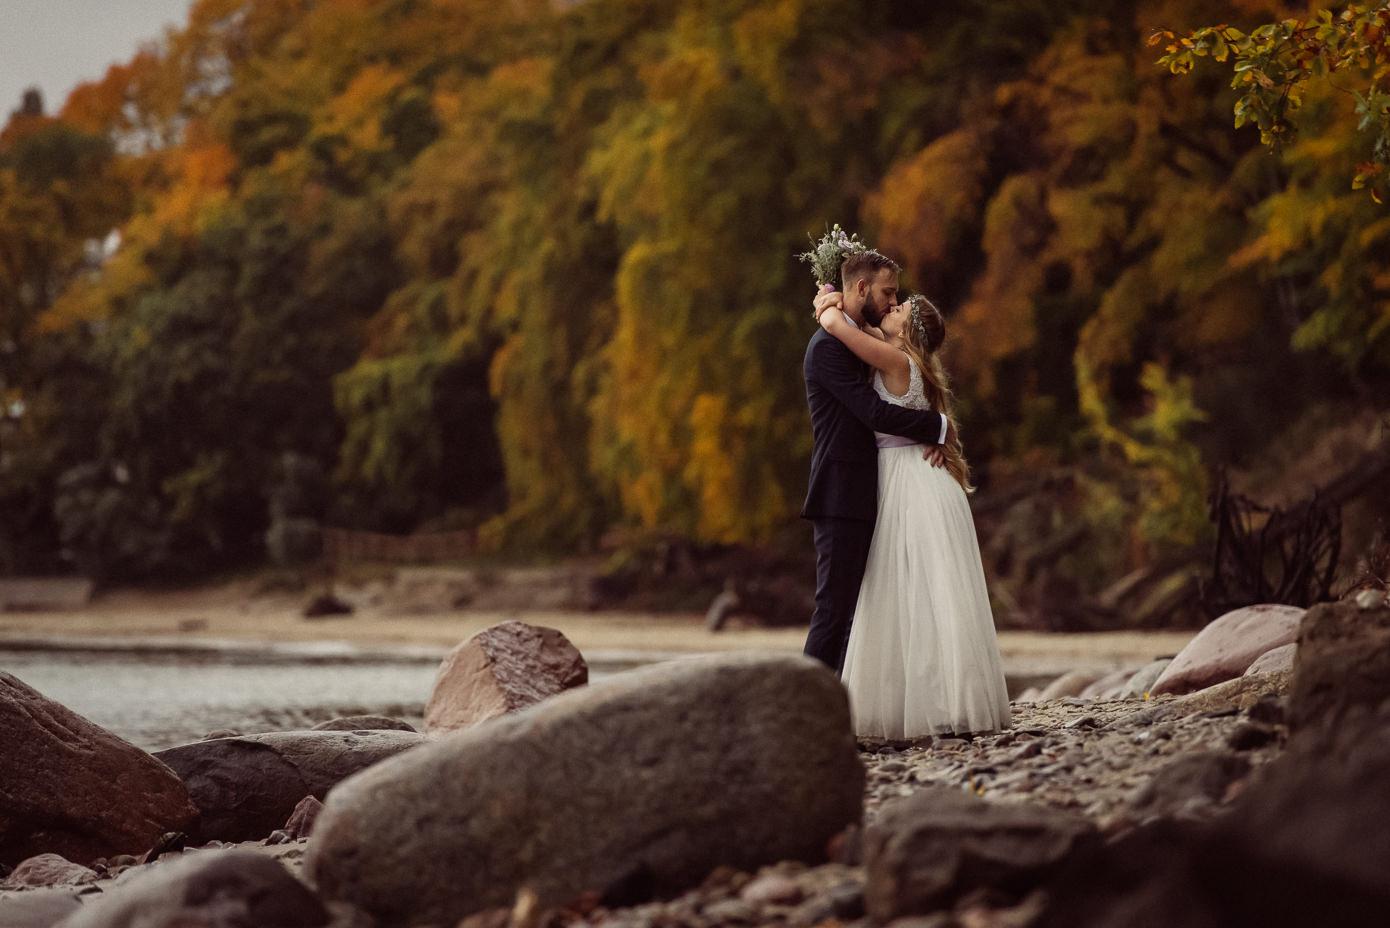 Fotograf Ślubny Sopot wymarzone zdjęcia ślubne pełne emocji